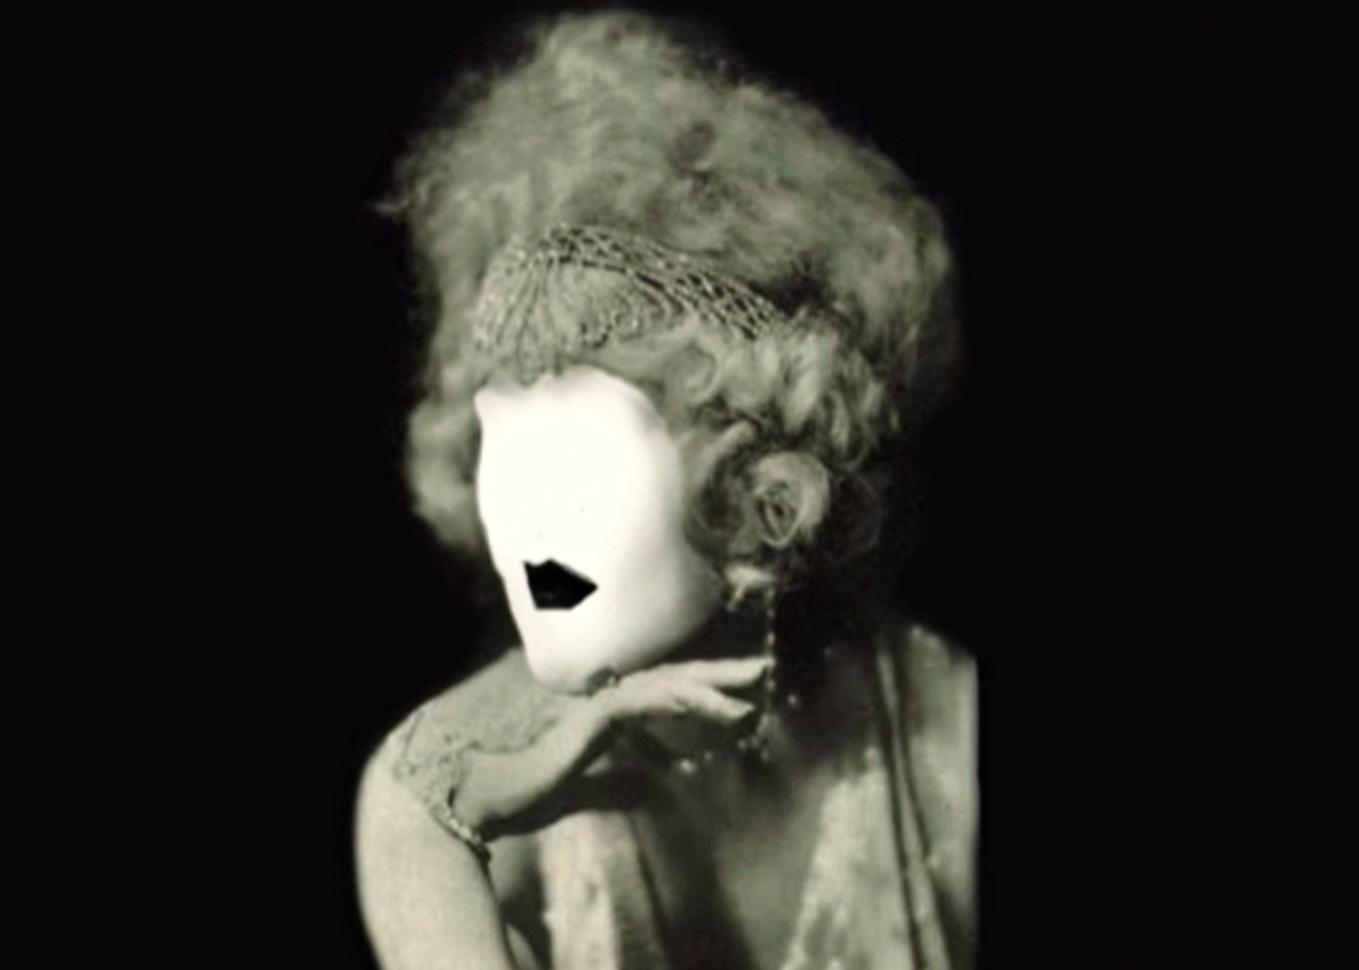 Adéla Babanová, Už šedesát let je mi třicet, 1. část: Dům Evy Weber: 2010, 2. část: Eva Weber: 1912–?, 3. část: Dům Evy Weber: 1930–2140